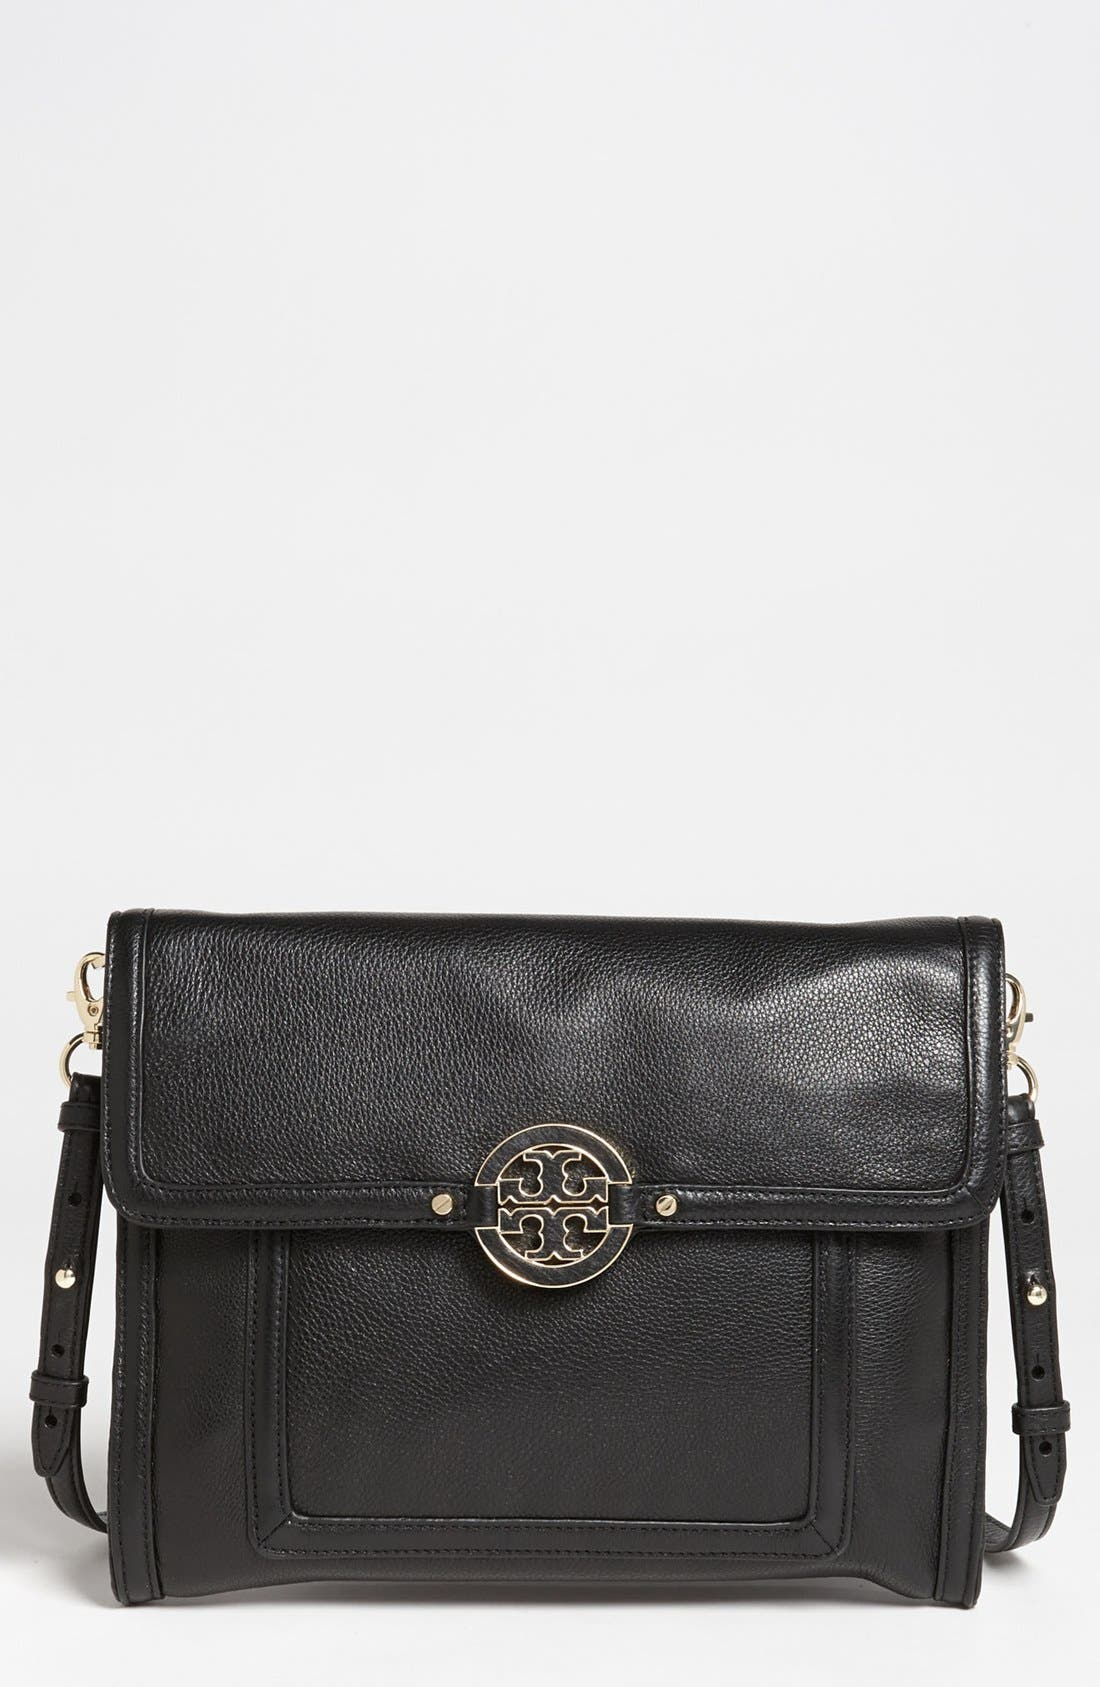 Main Image - Tory Burch 'Amanda' Crossbody Bag